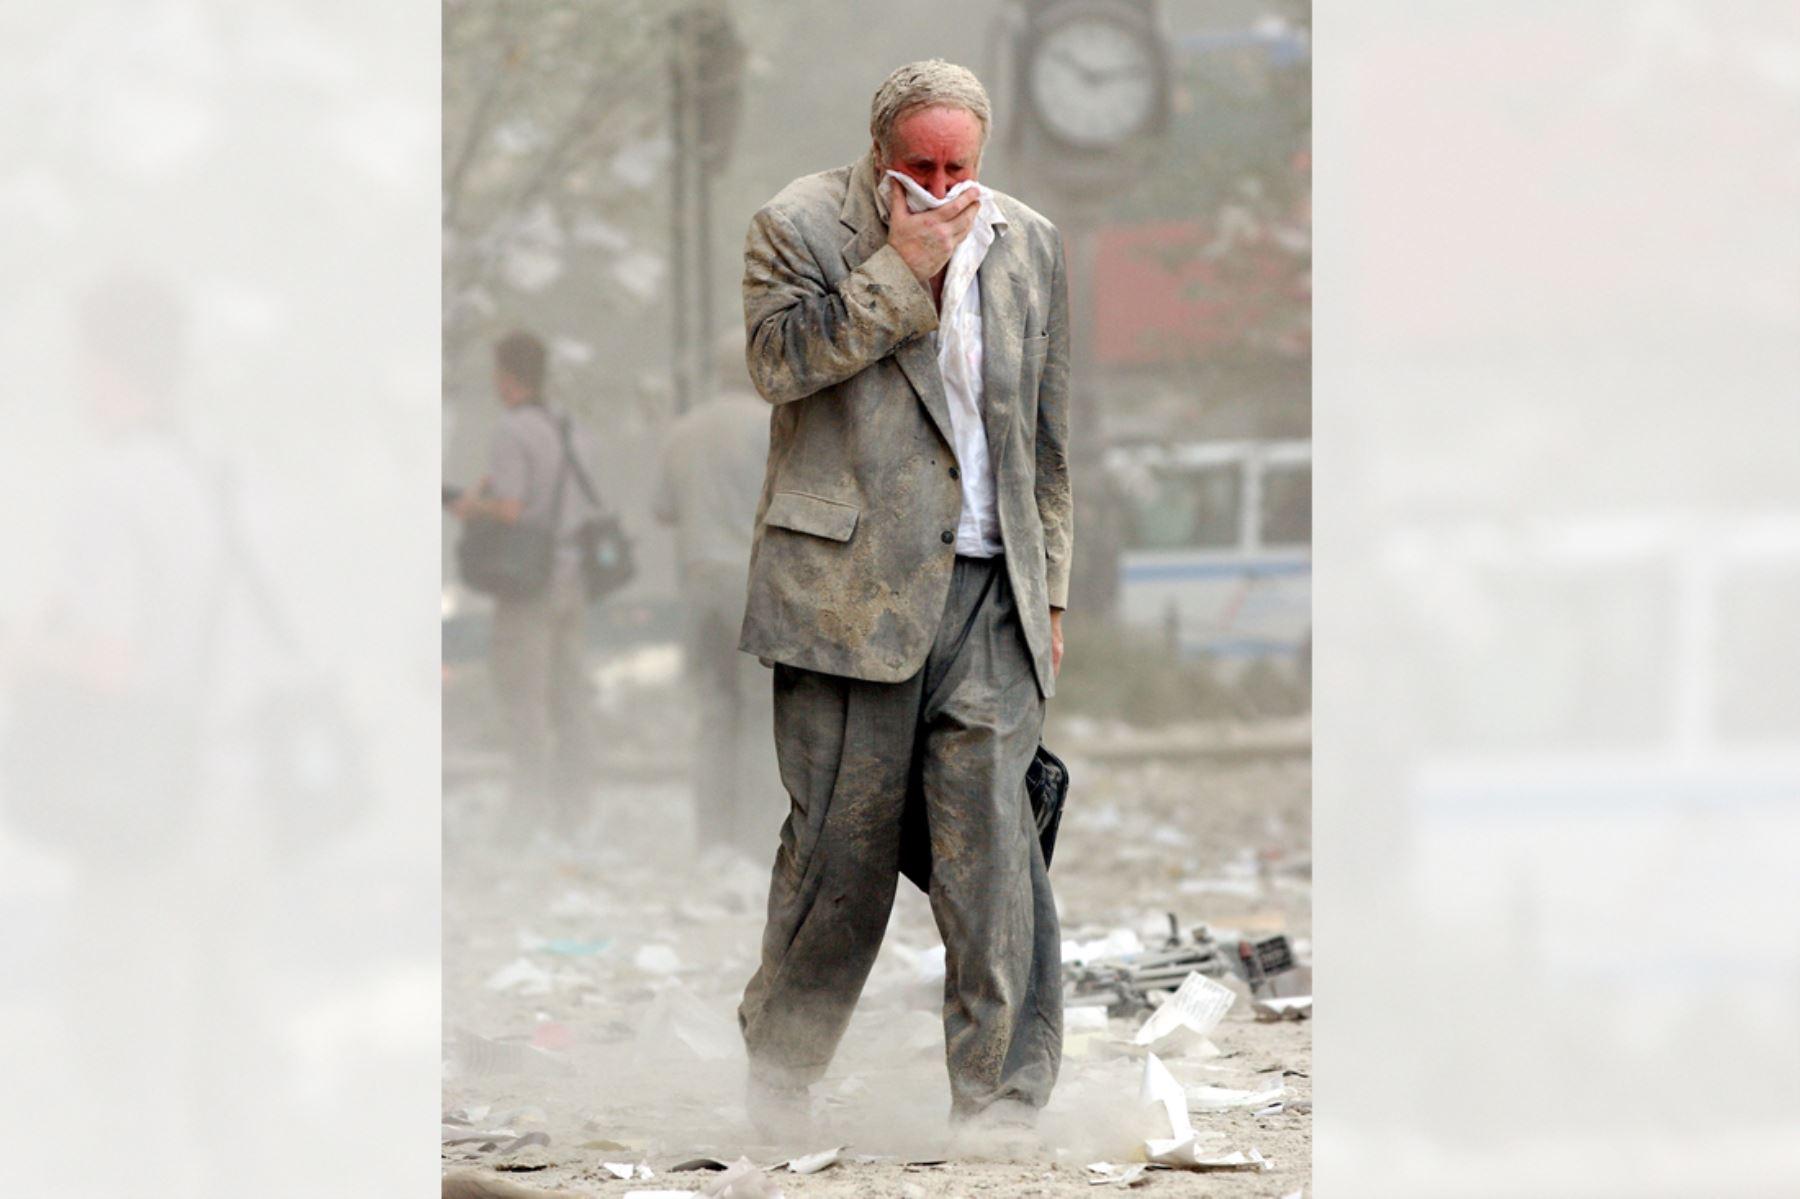 Edward Fine cubriéndose la boca mientras camina entre los escombros después del colapso de una de las Torres del World Trade Center en Nueva York el 11 de setiembre de 2001. Foto: AFP